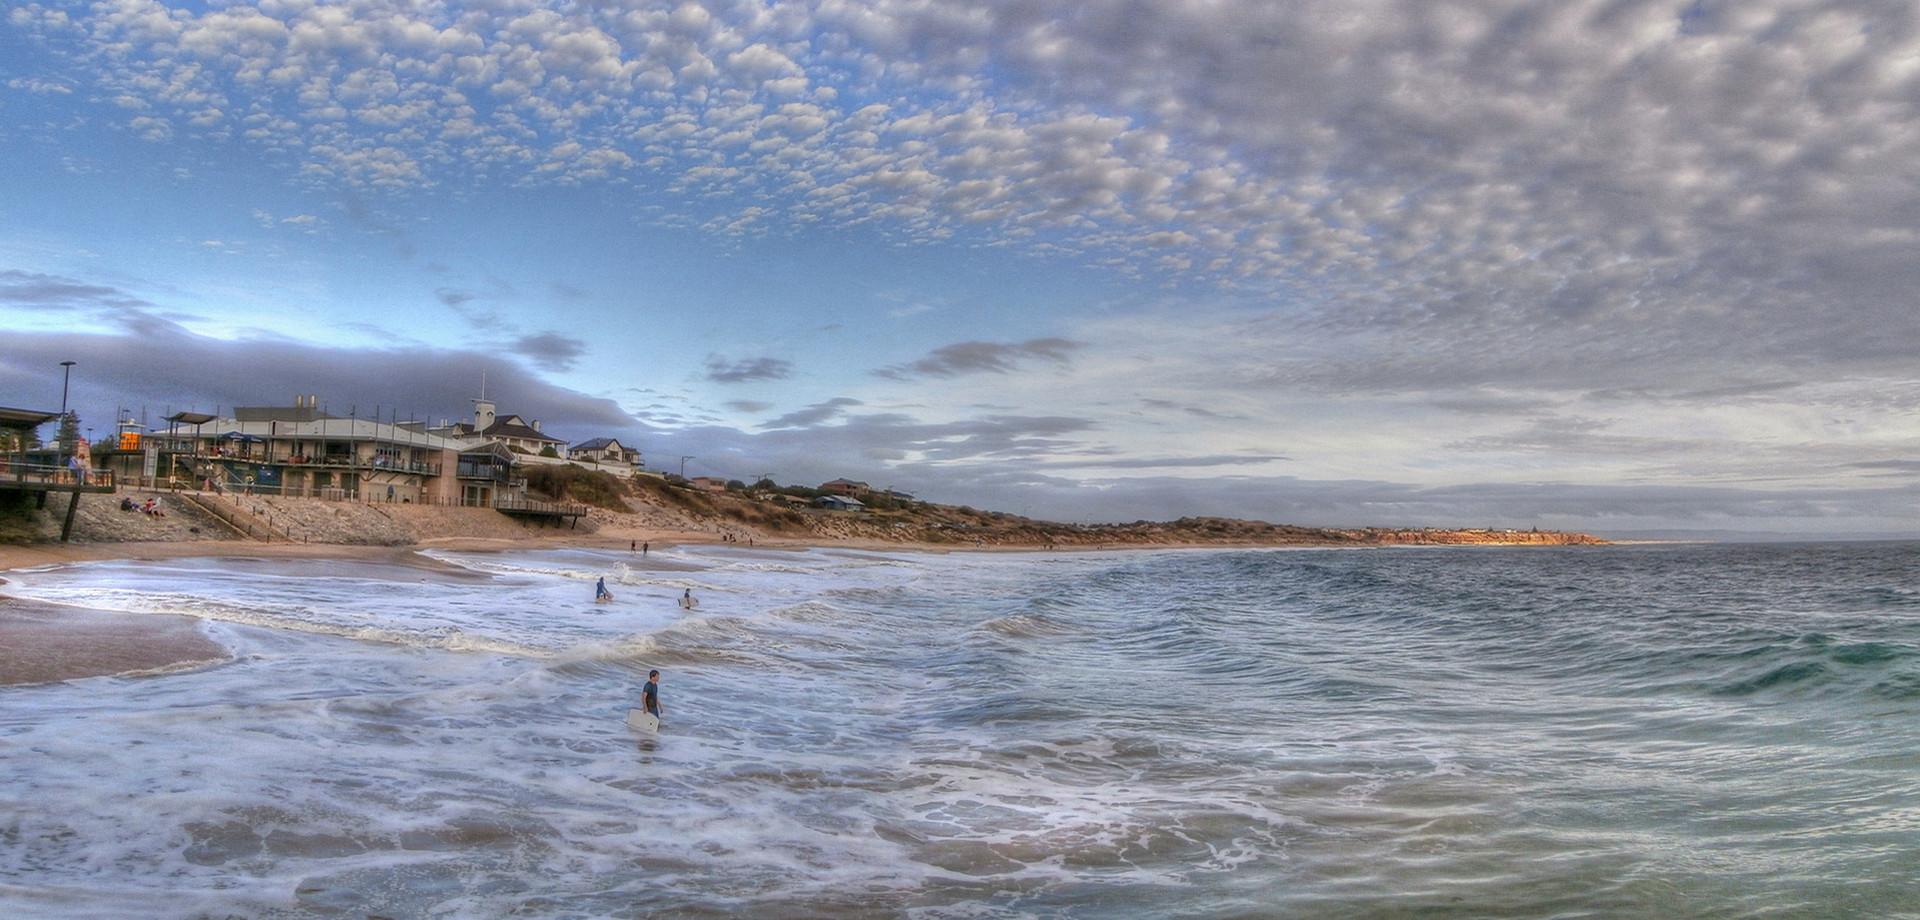 Port Noarlunga SA by Stephen West